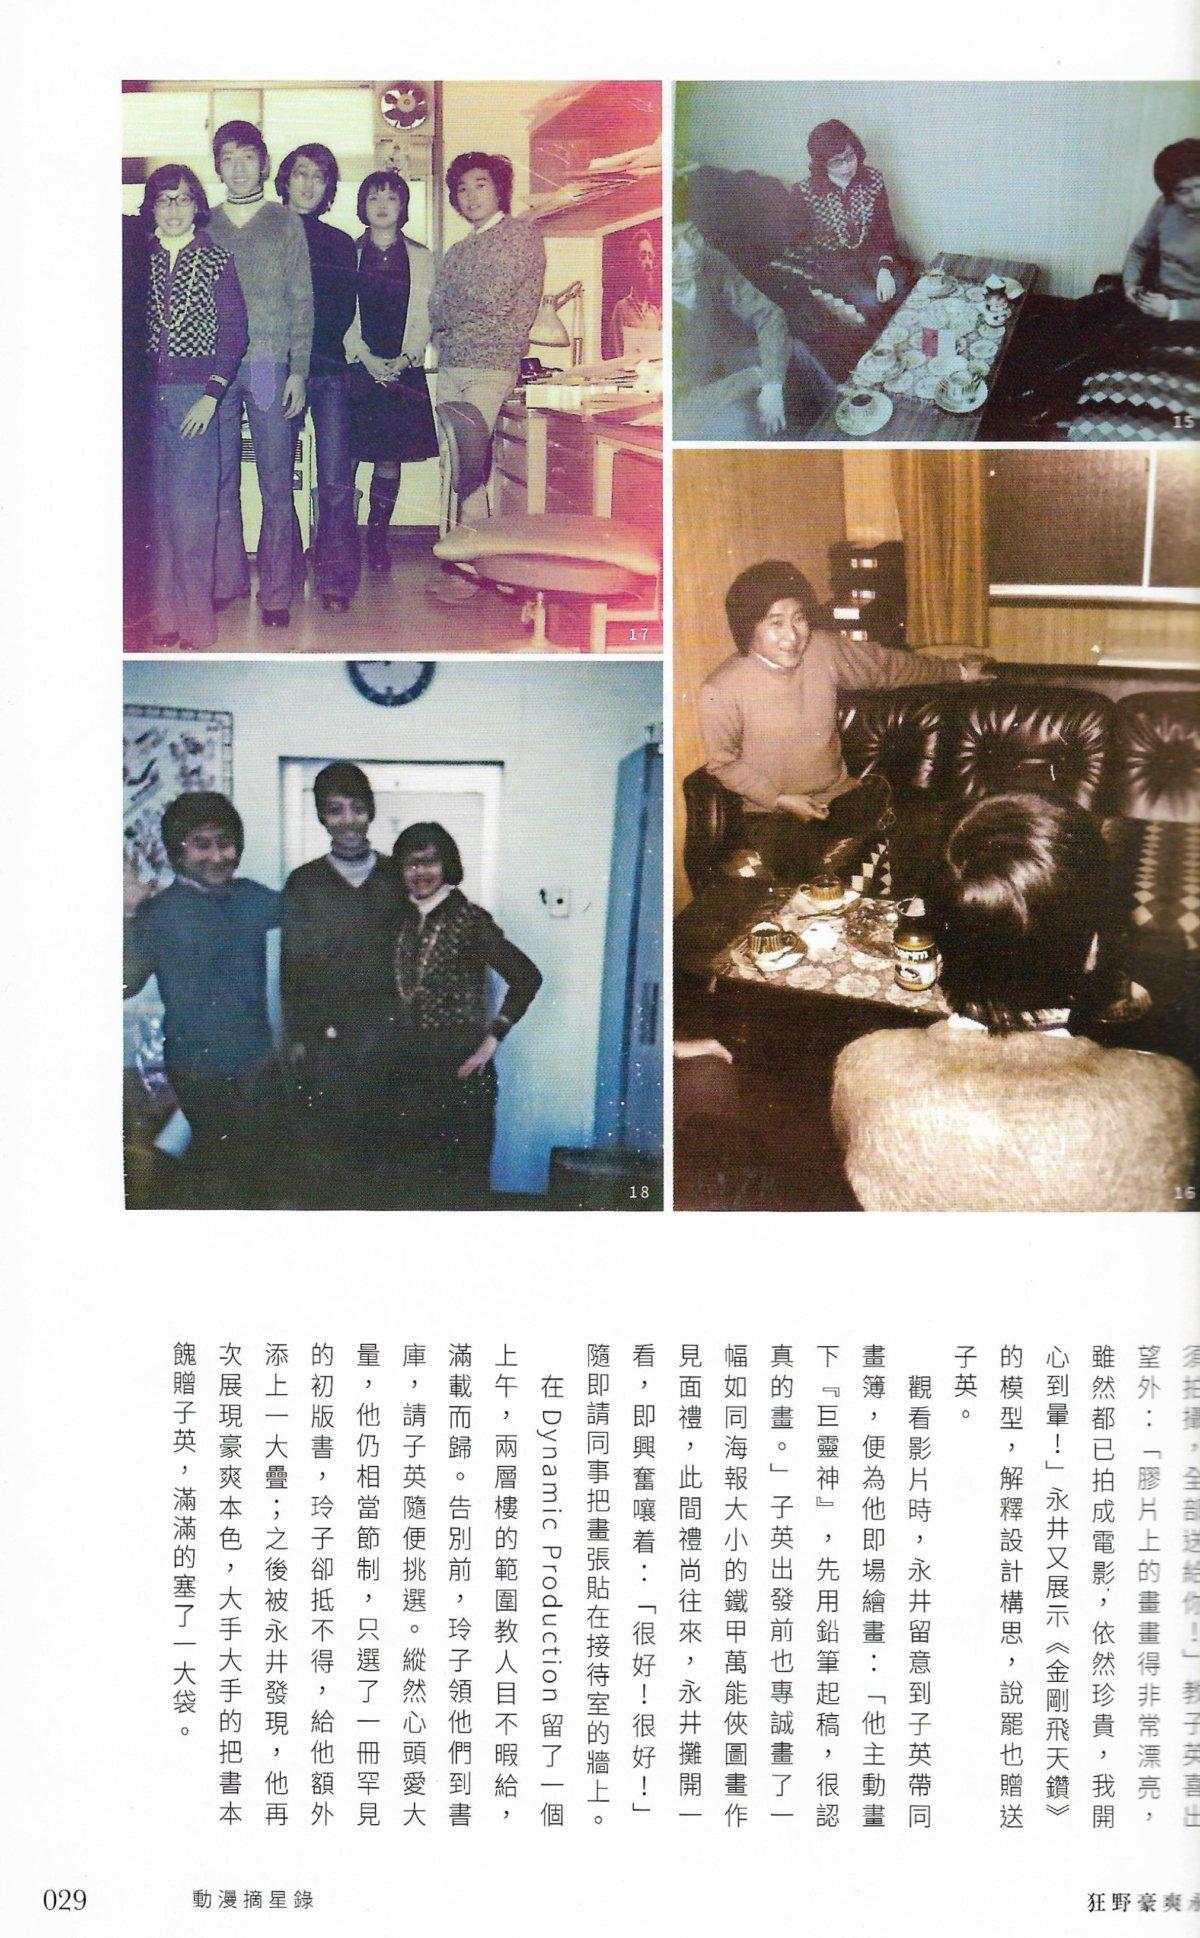 盧子英當年帶着妹妹一起到日本拜訪《鐵甲萬能俠》作者永井豪